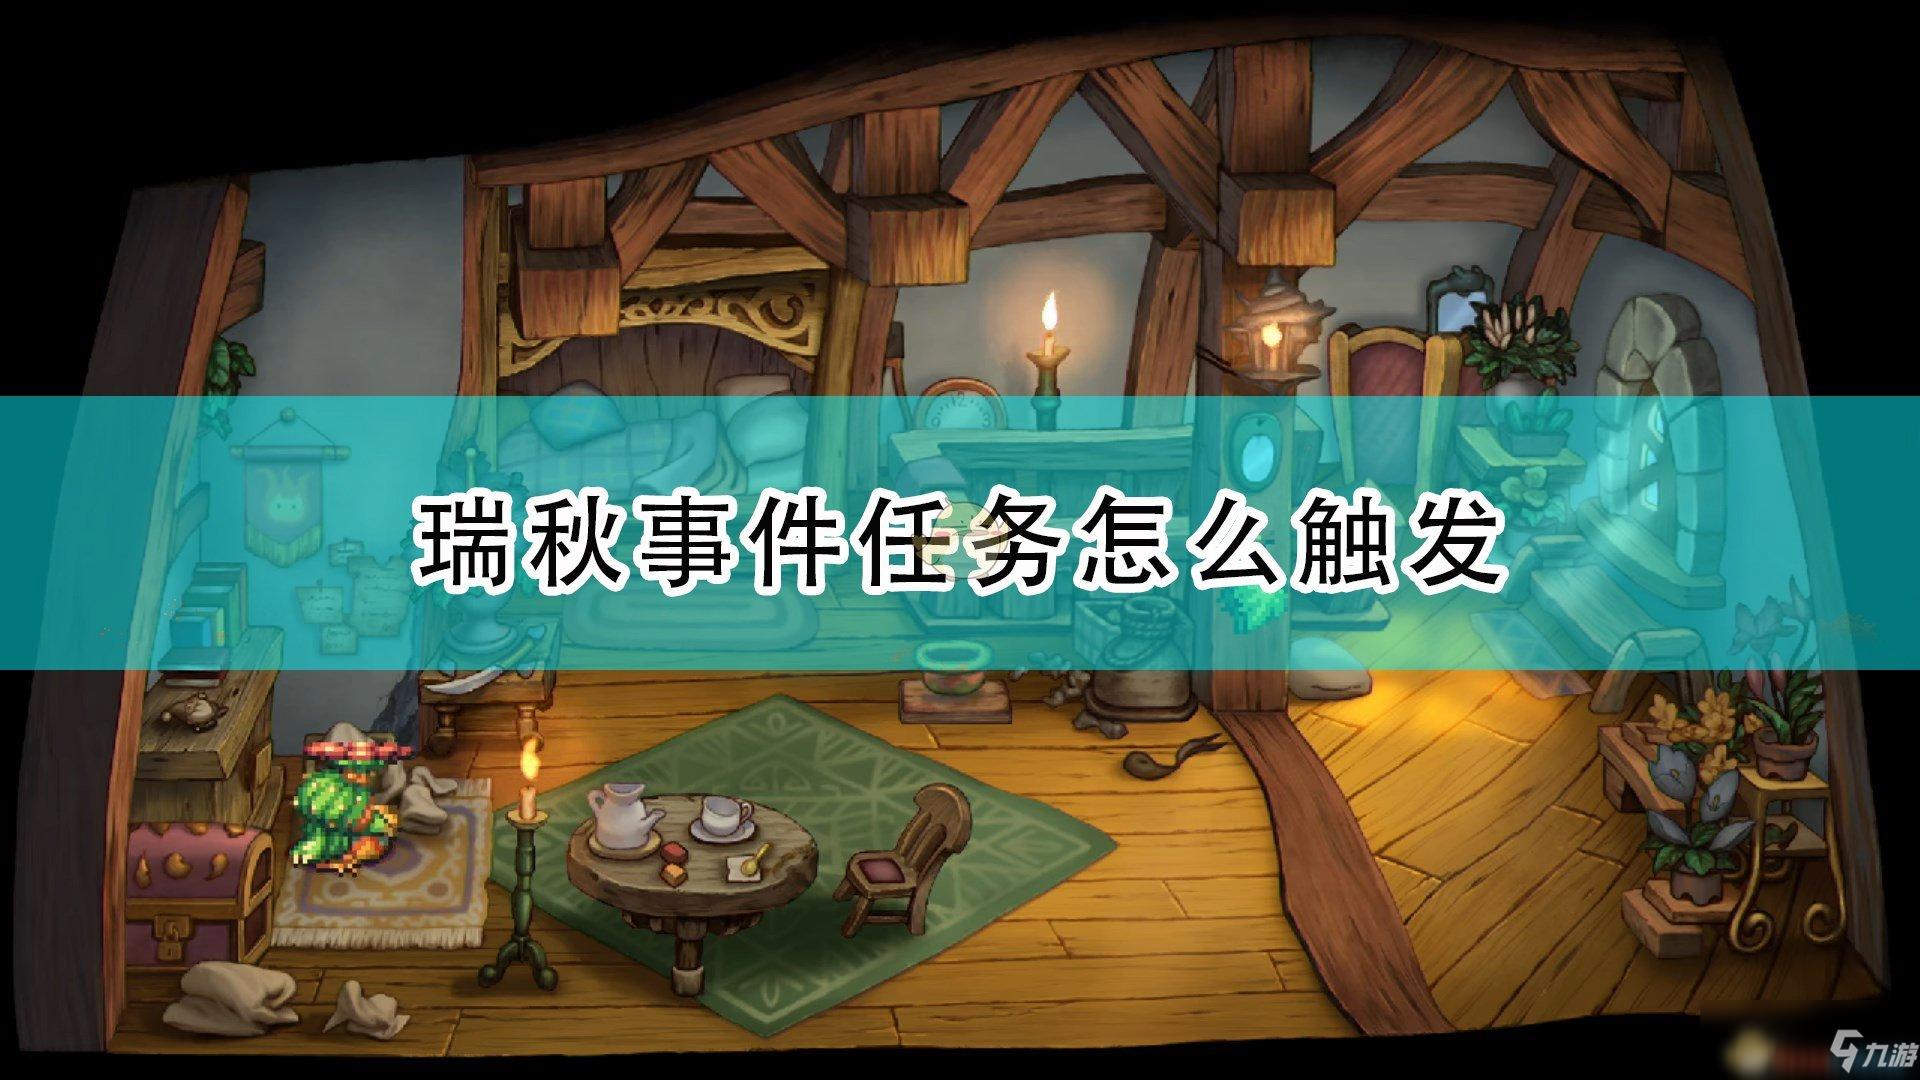 《圣剑传说:玛娜传奇重制版》瑞秋事件触发条件及图文教程分享